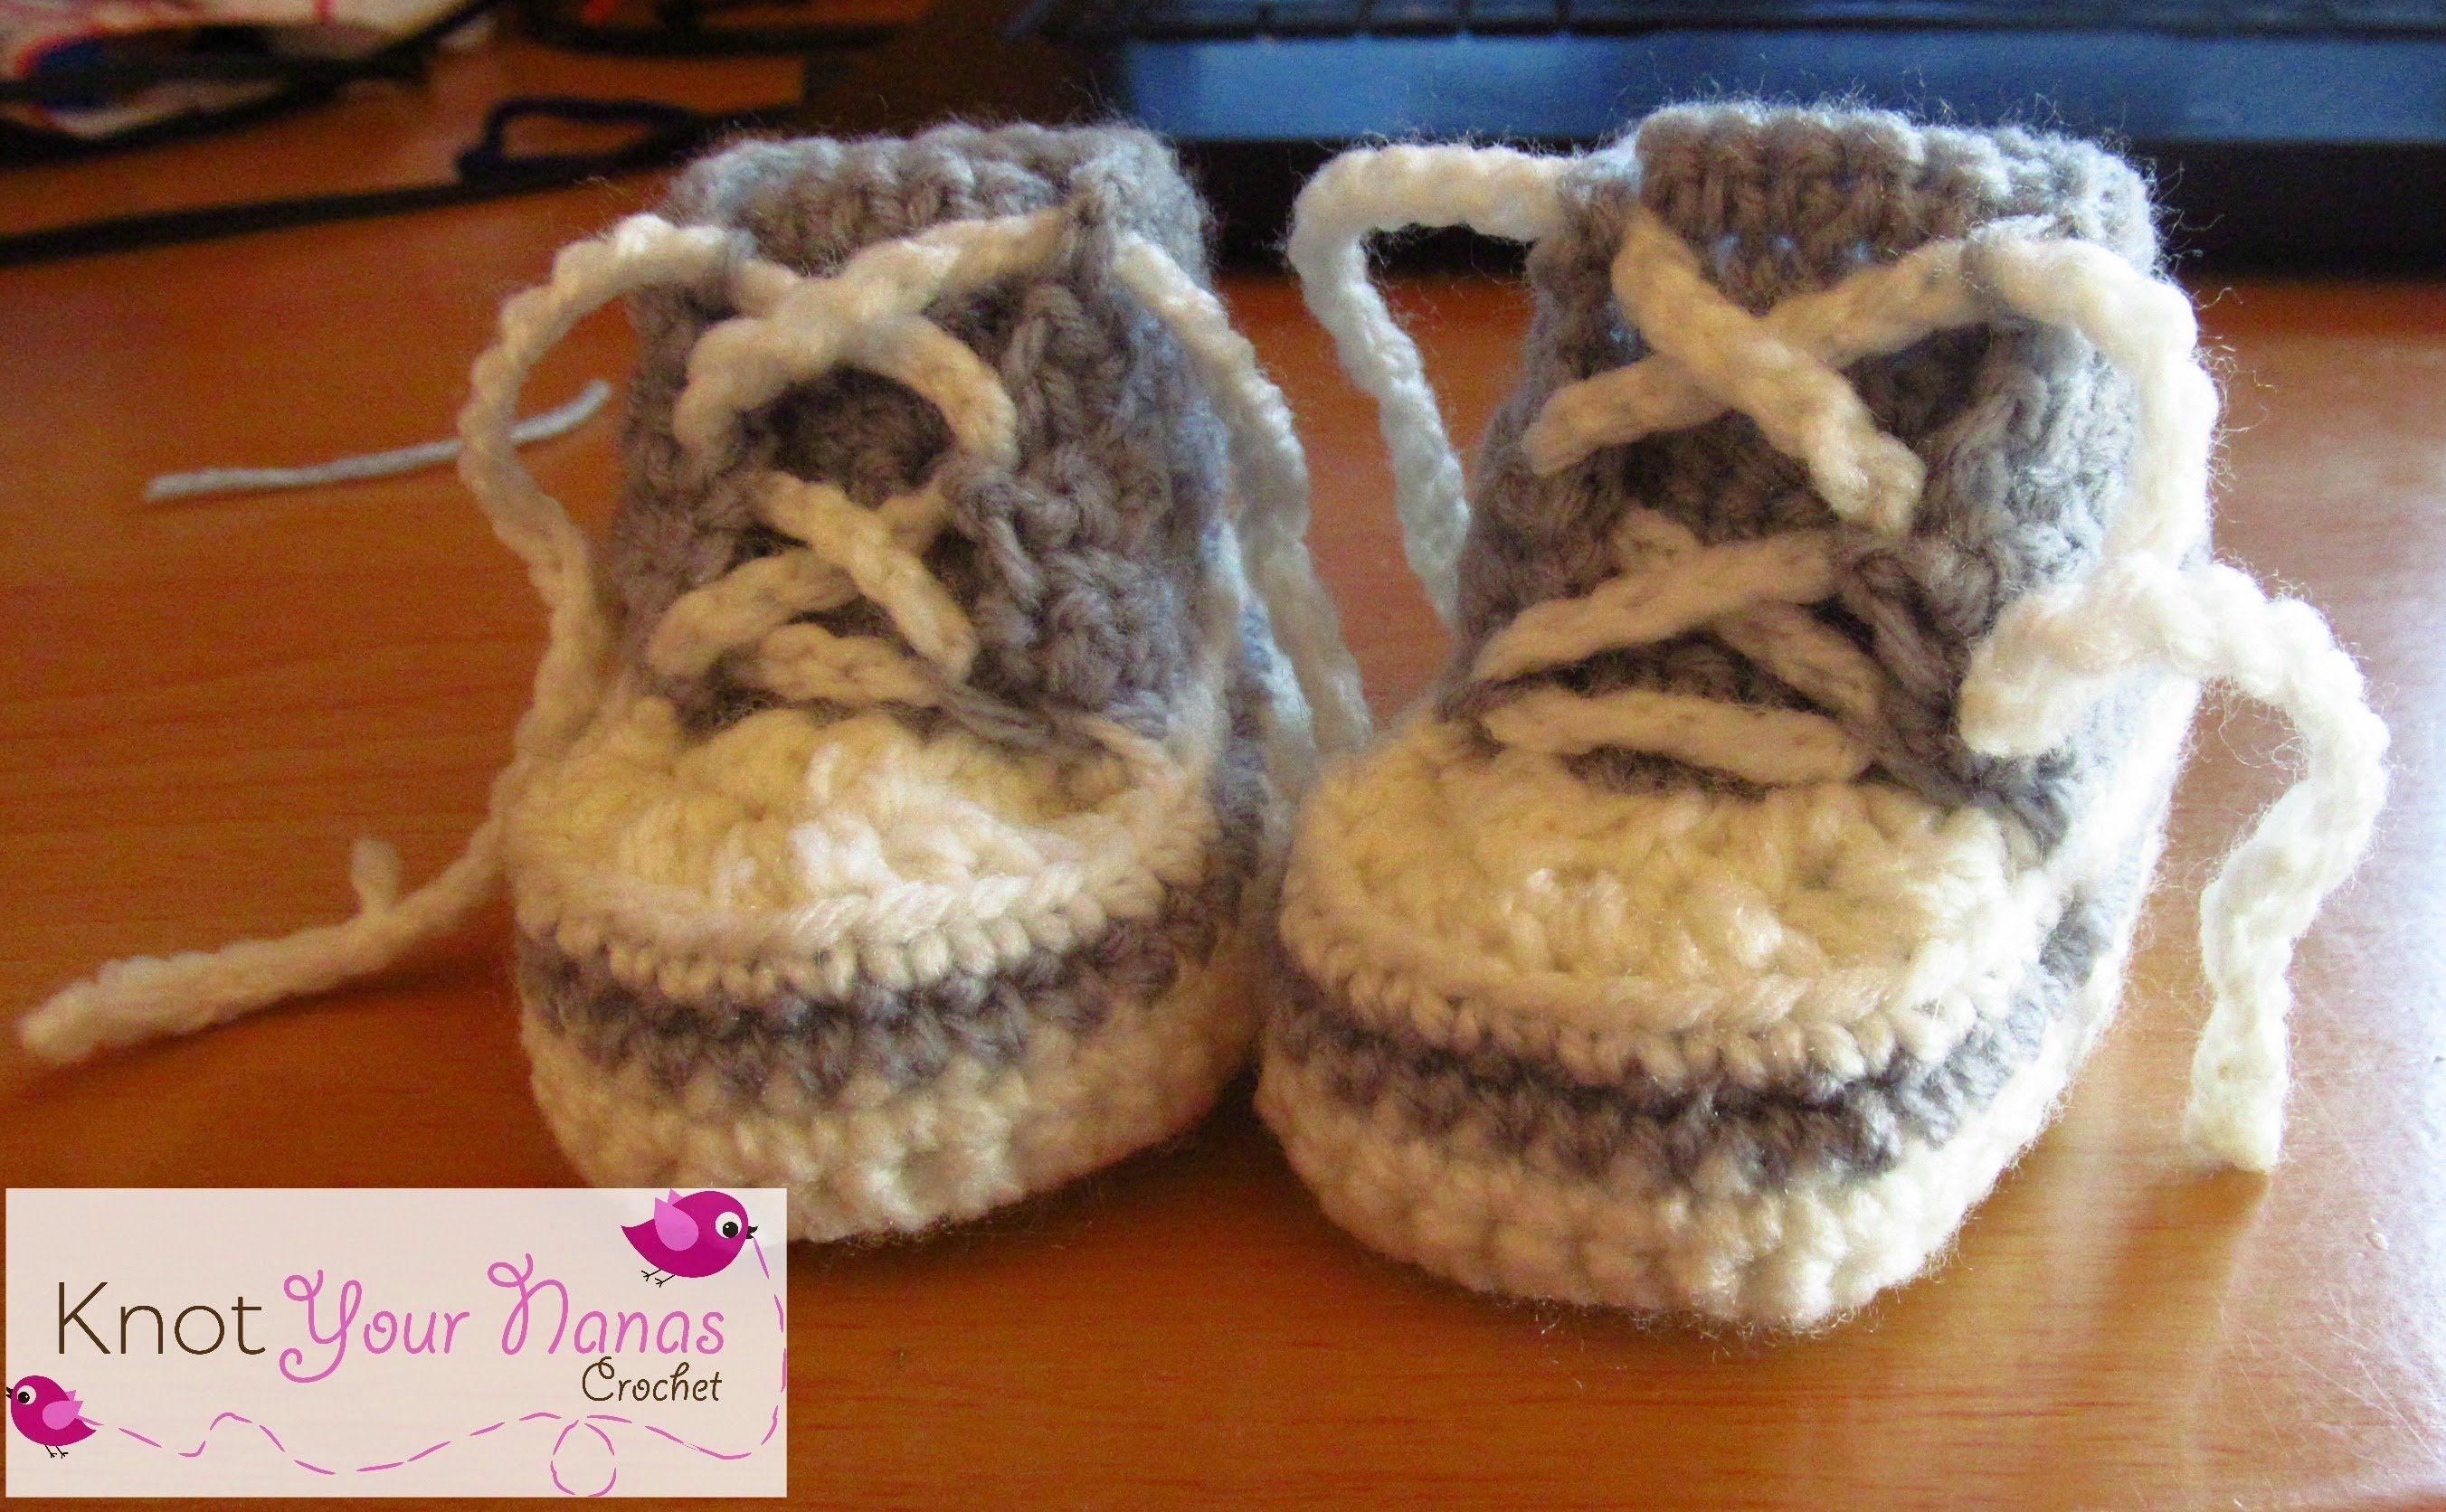 Pin de Debi Christensen en Crochet/Knit - Slippers/Socks   Pinterest ...